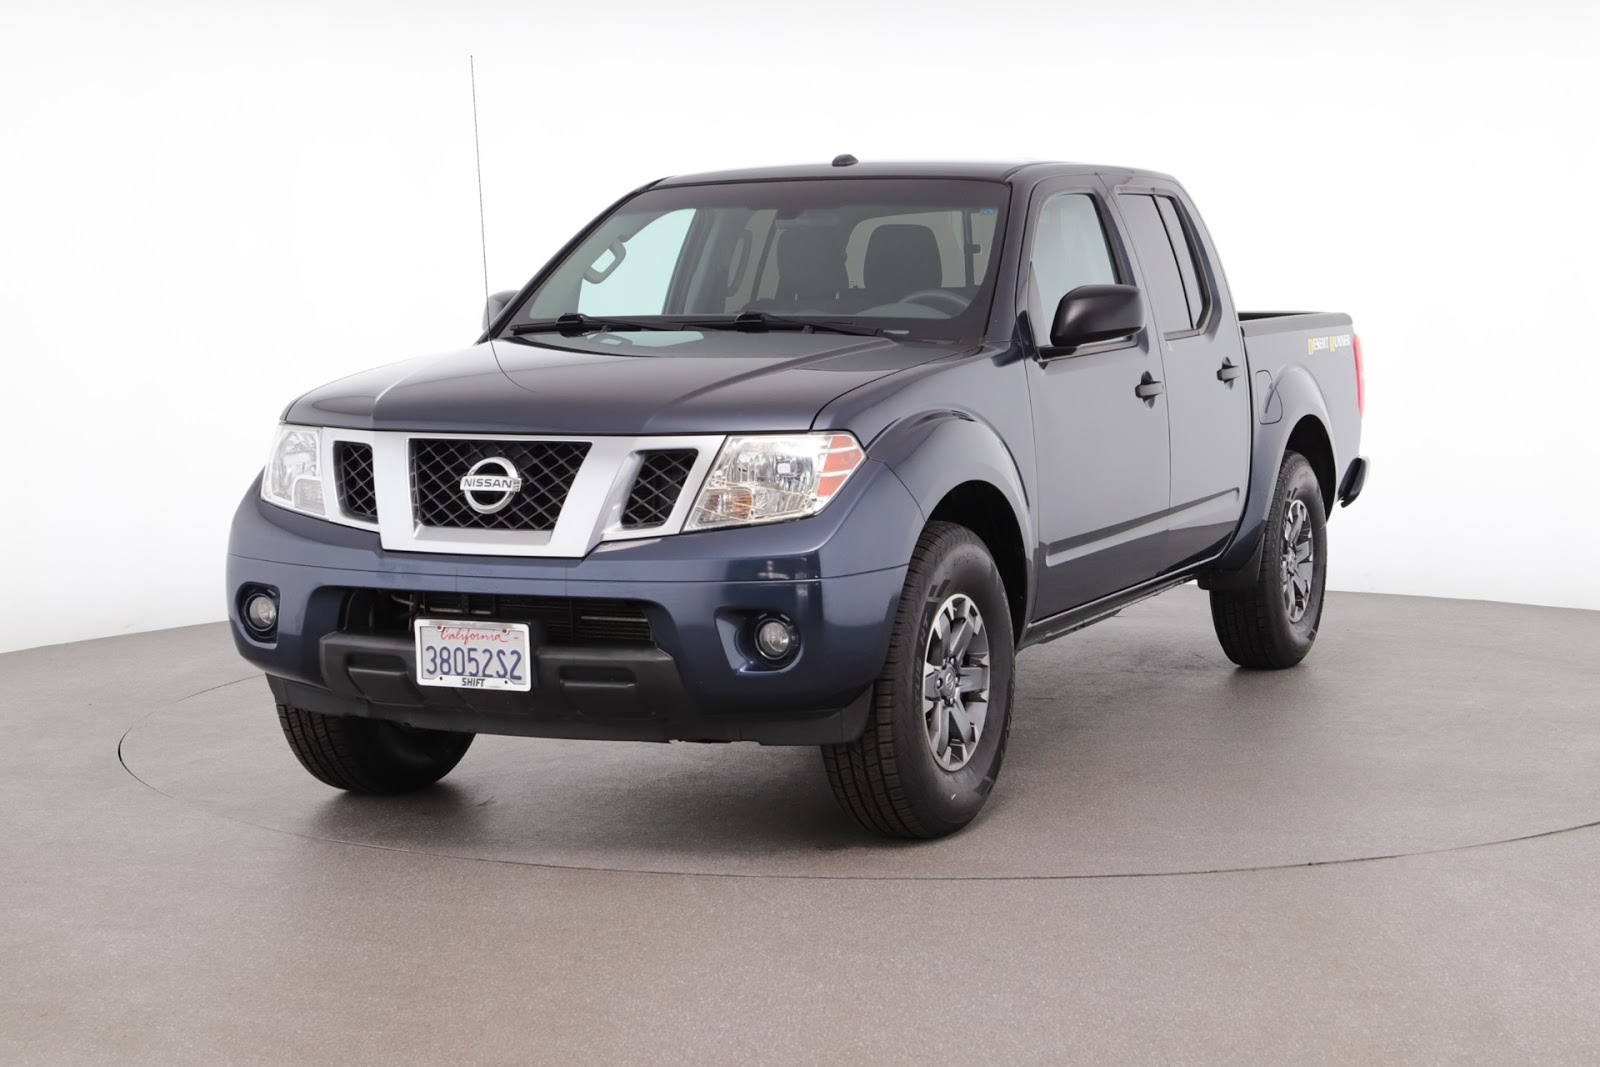 2016 Nissan Frontier Desert Runner (from $24,000)